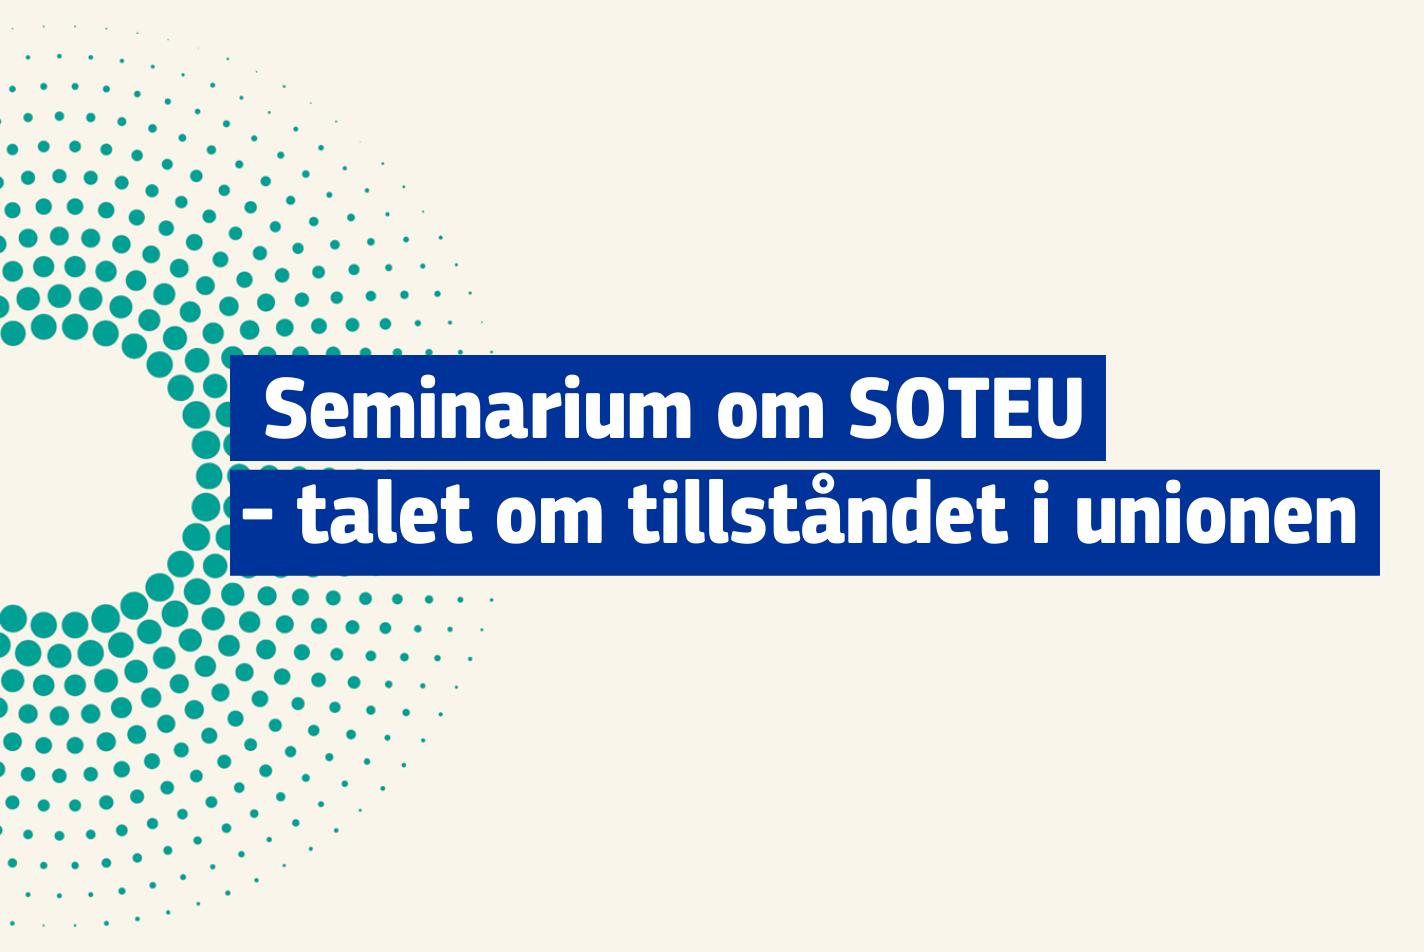 Seminarium om SOTEU - talet om tillståndet i unionen